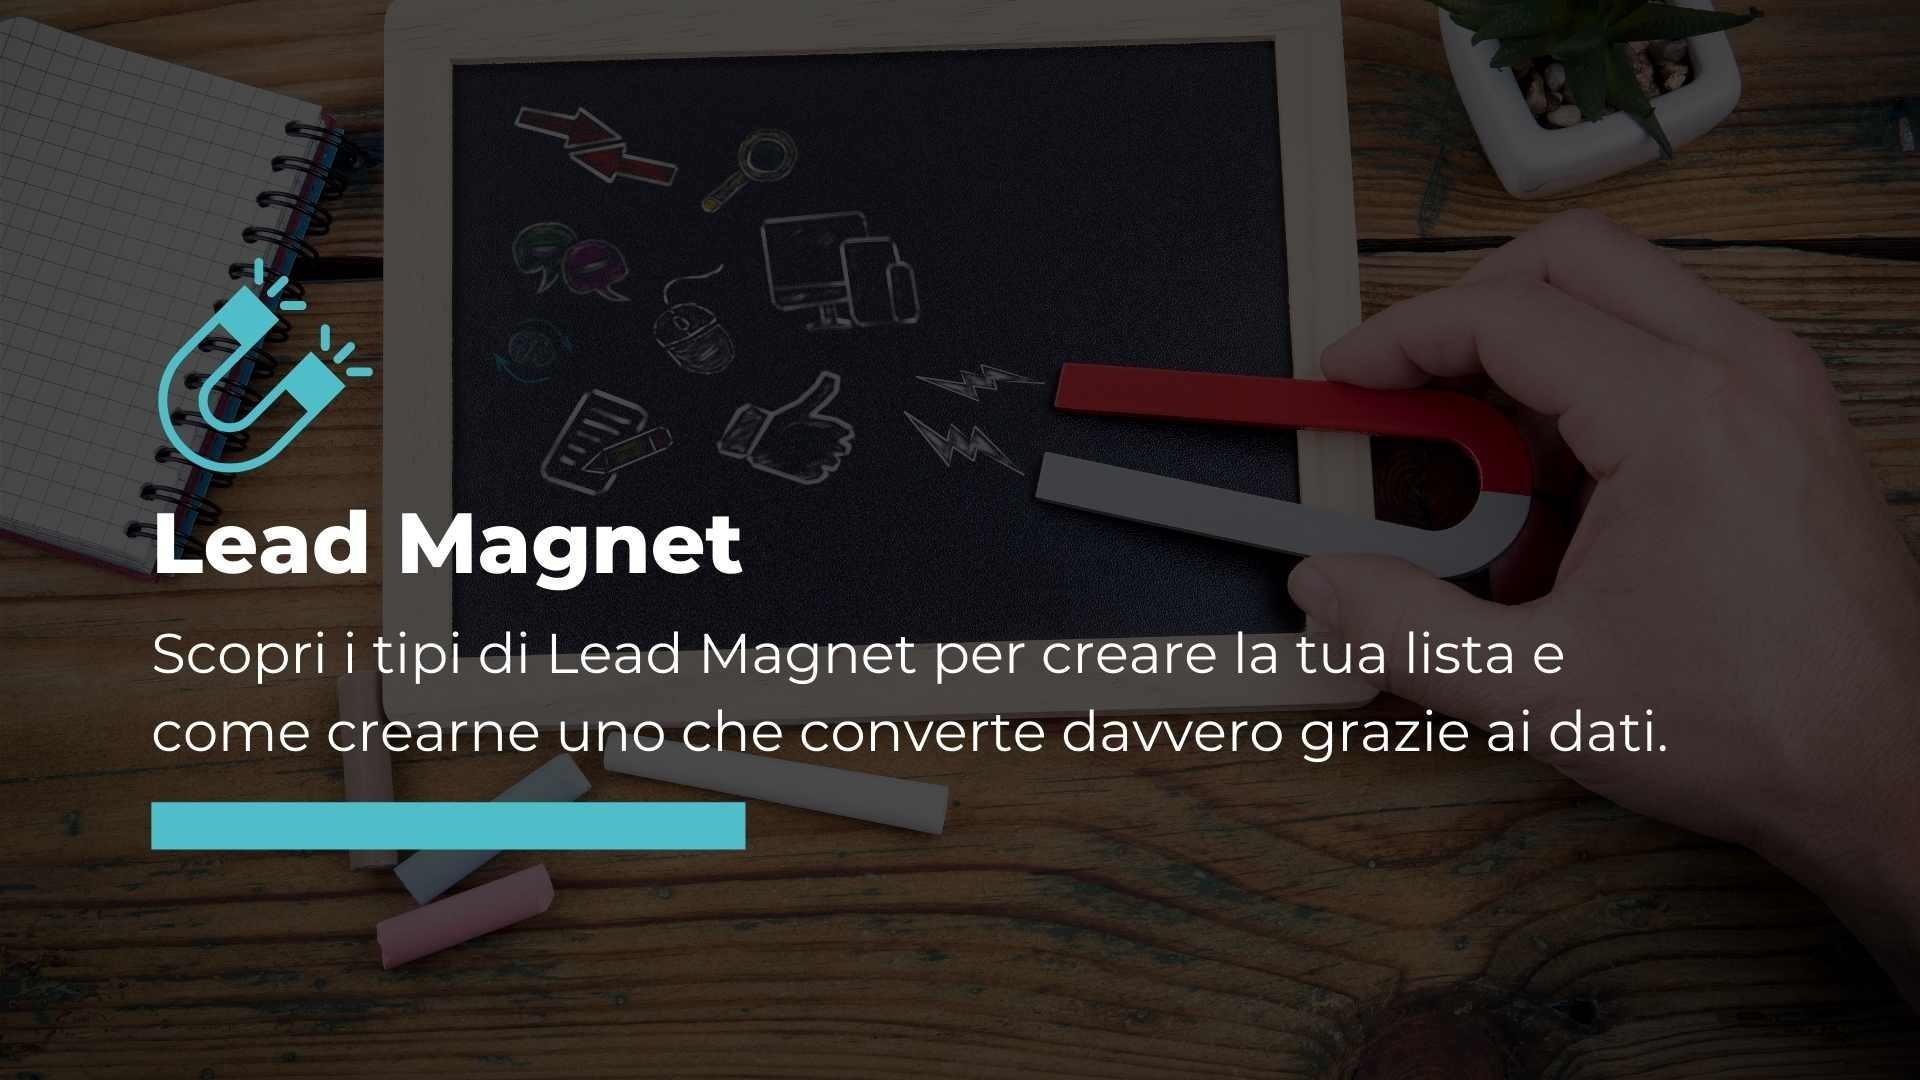 corso lead magnet